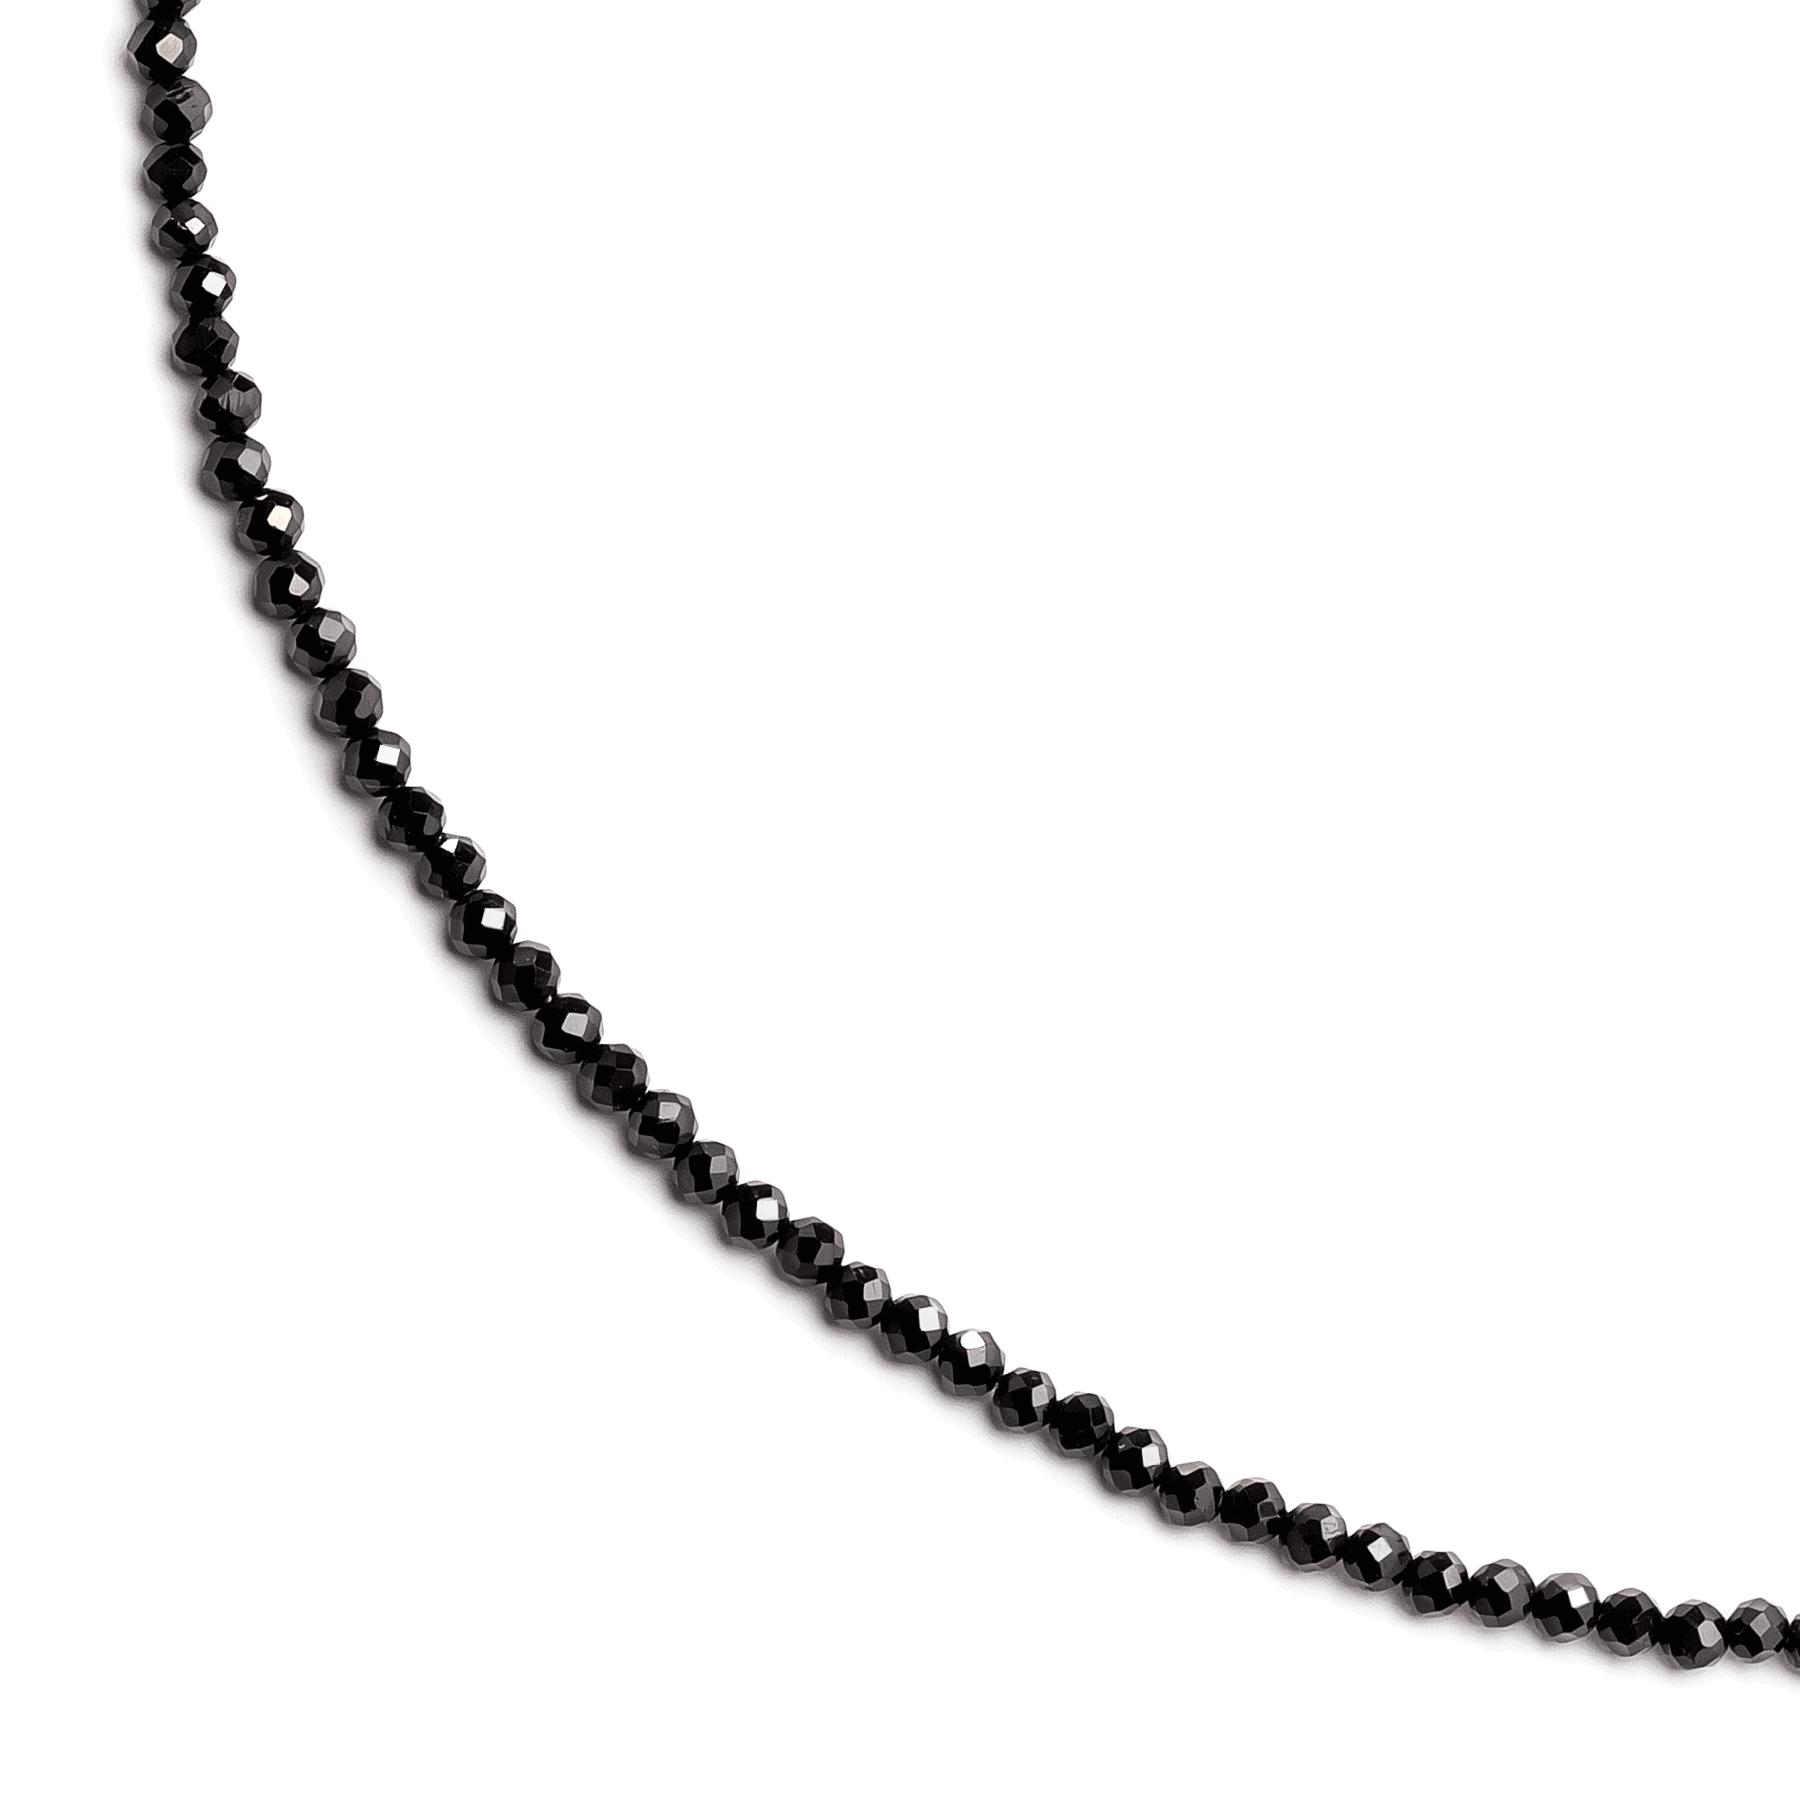 Czarne kamienie naturalne turmaliny na jasnym tle